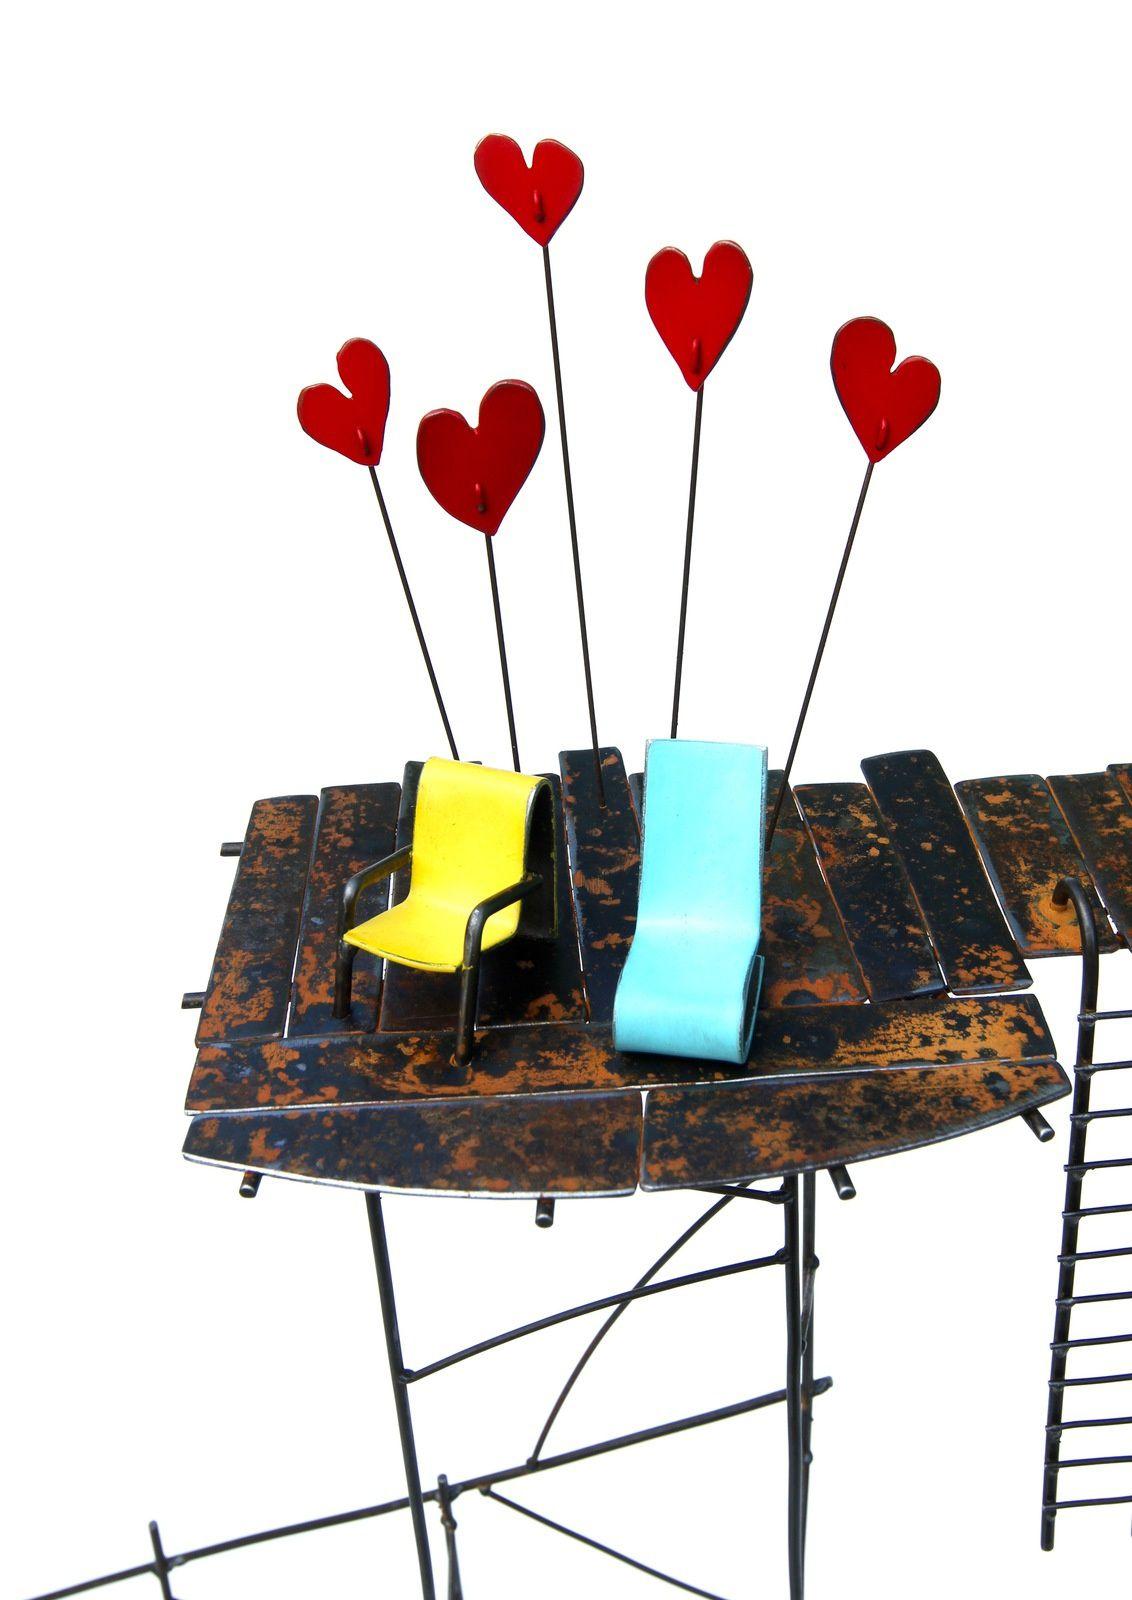 Un motel en Normandie, acier,  h: 81 cm, l'amour 2 (le retour), acier,  h: 75 cm, la construction contemplative pour un coeur, acier, béton h: 63 cm. L: 80 cm environ.